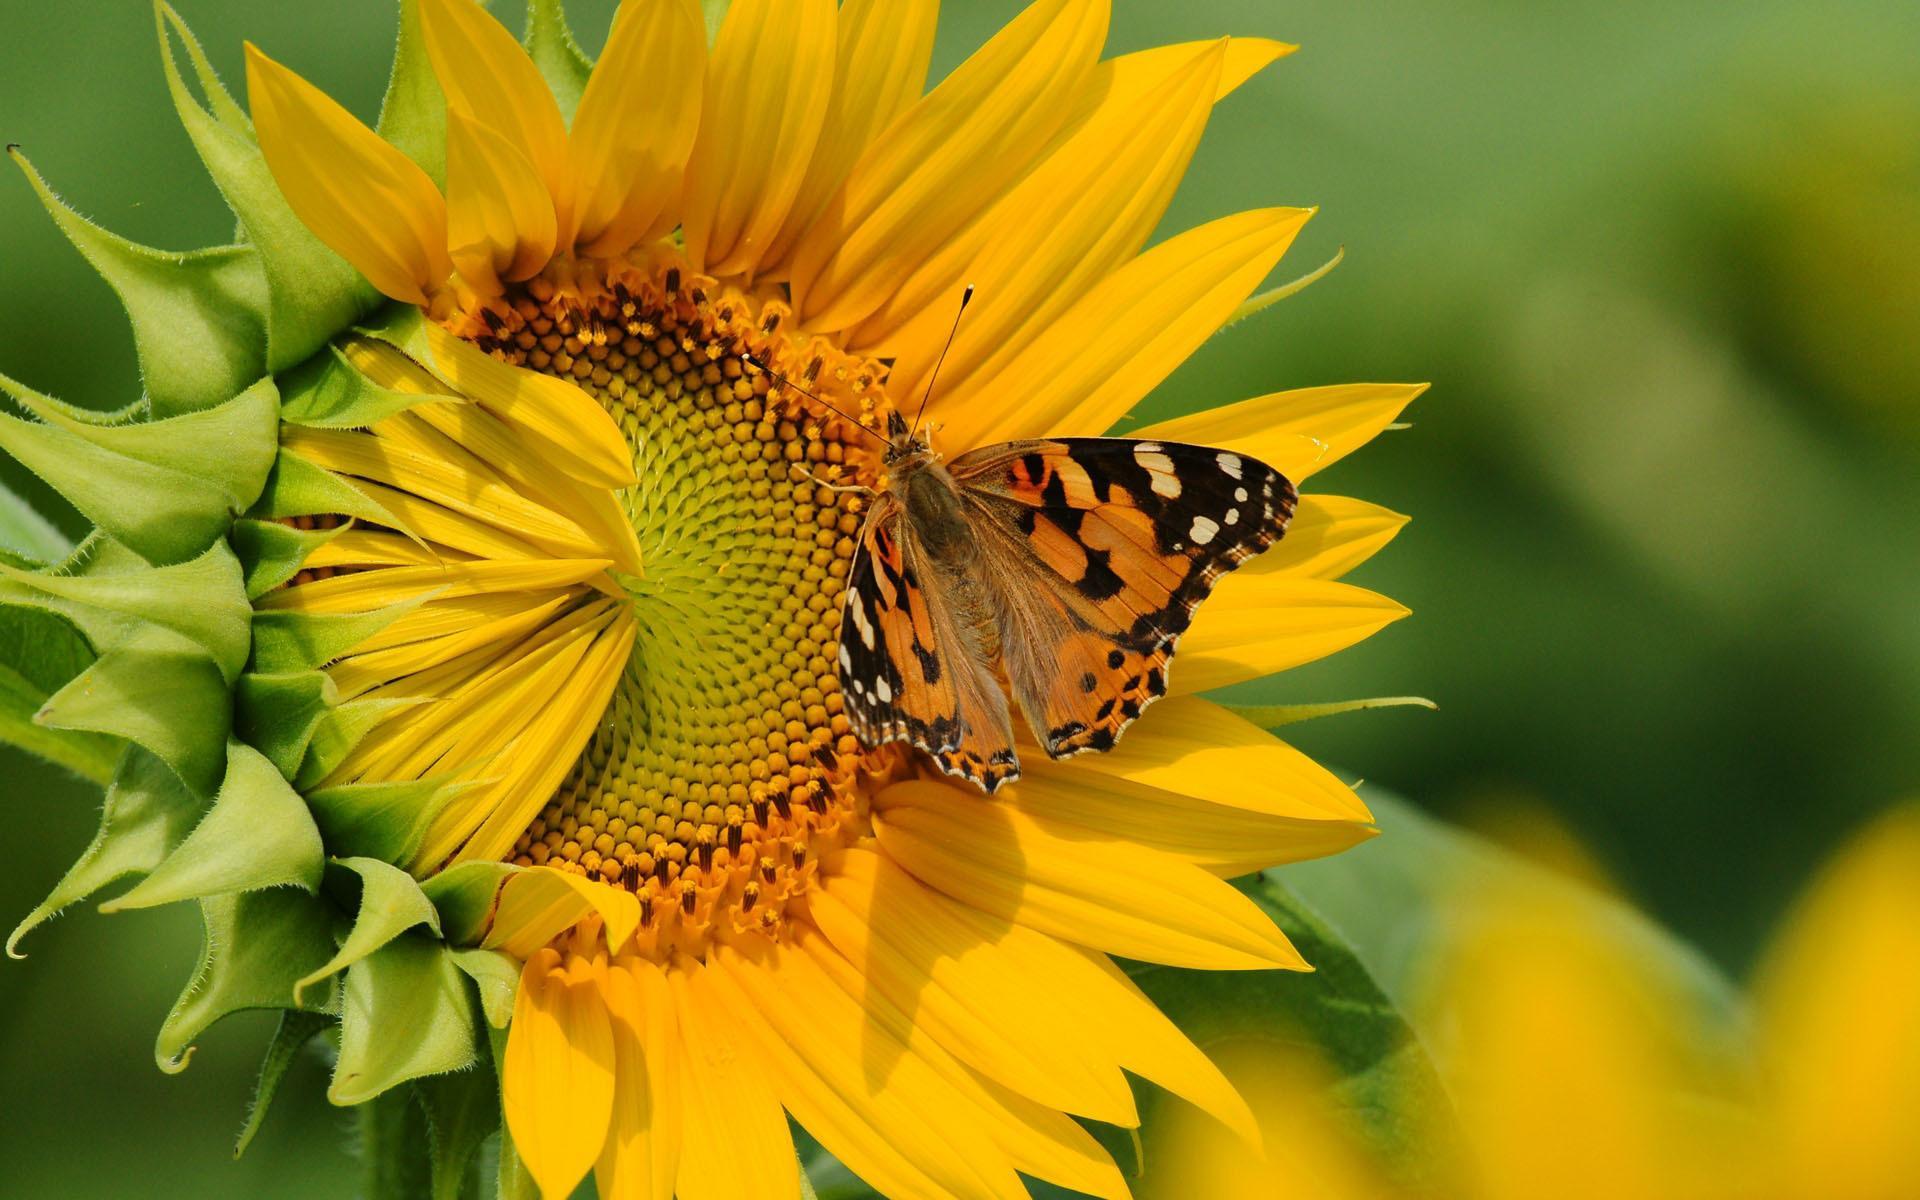 цветы,желтые,бабочка  № 664914 бесплатно